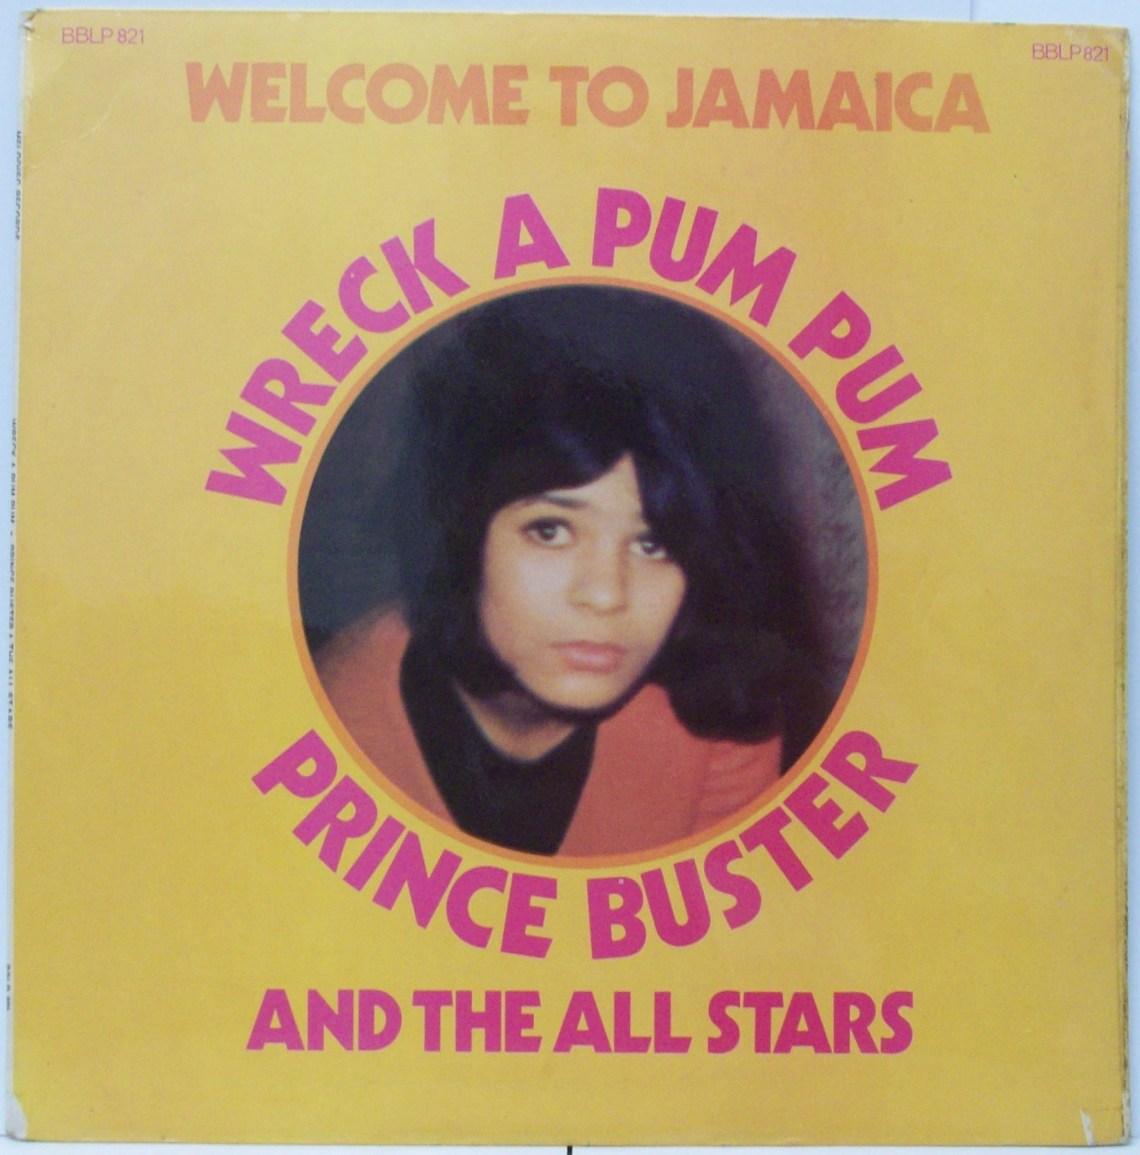 prince-buster-wreck-a-pum-pum